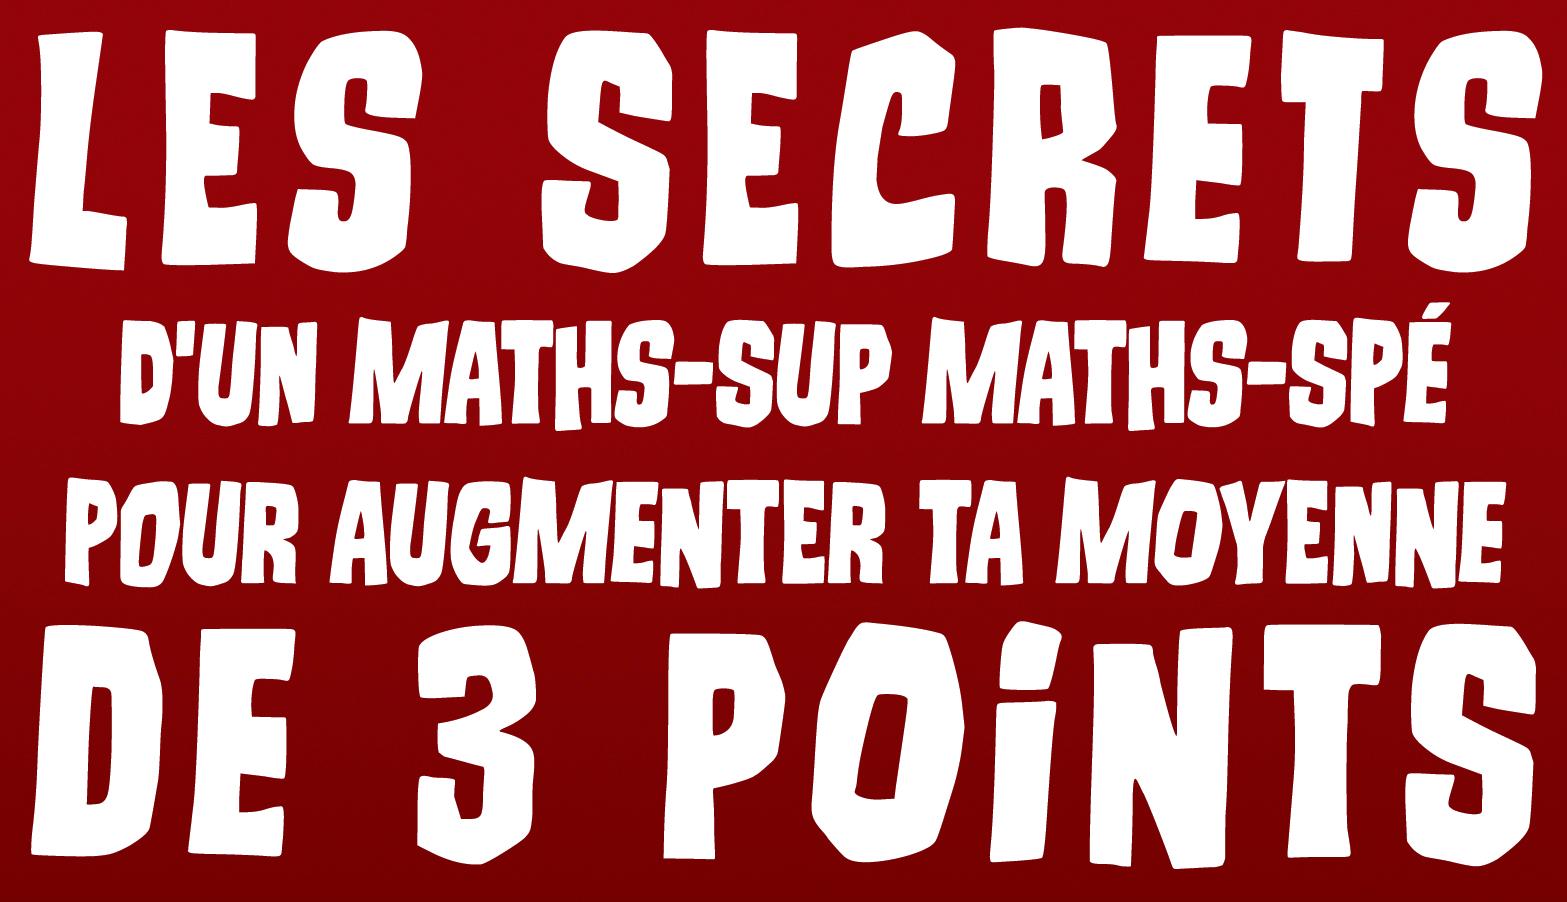 Première-Maths : Les secrets d'un Maths-Sup Maths-Spé pour augmenter ta moyenne de 3 points